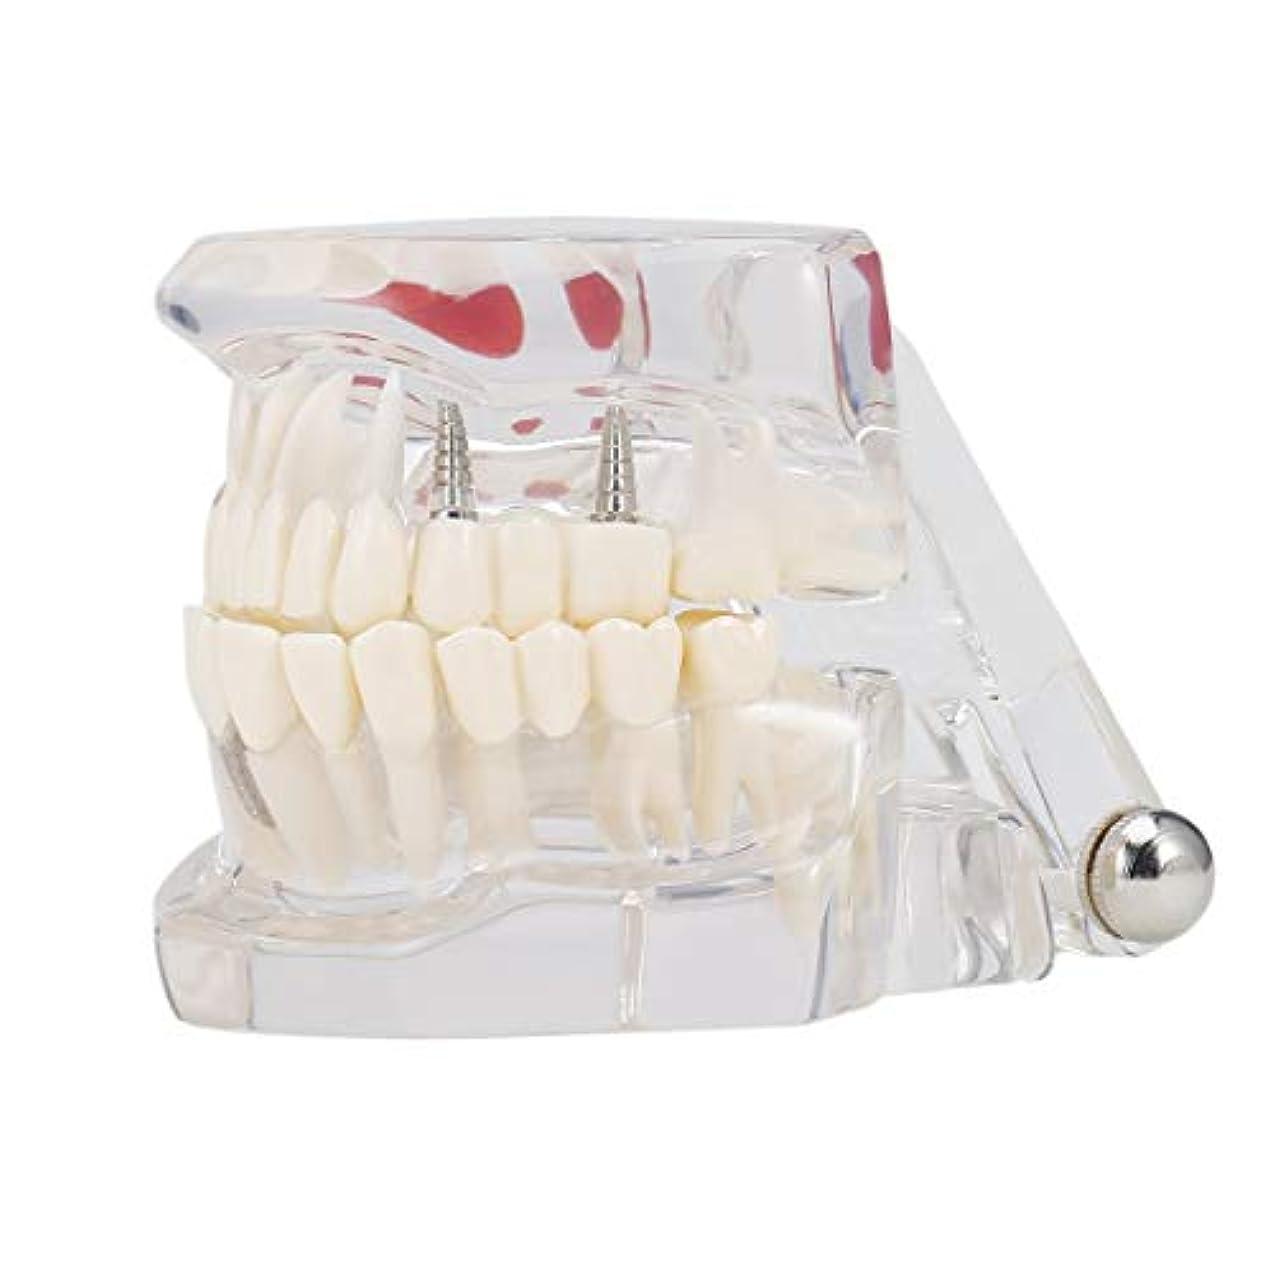 エッセンスシーケンス隠された専門の取り外し可能な偽の歯の歯の病気のモルデルの歯科インプラント回復表示医院の病院の教育使用 (色:黒)(Rustle666)